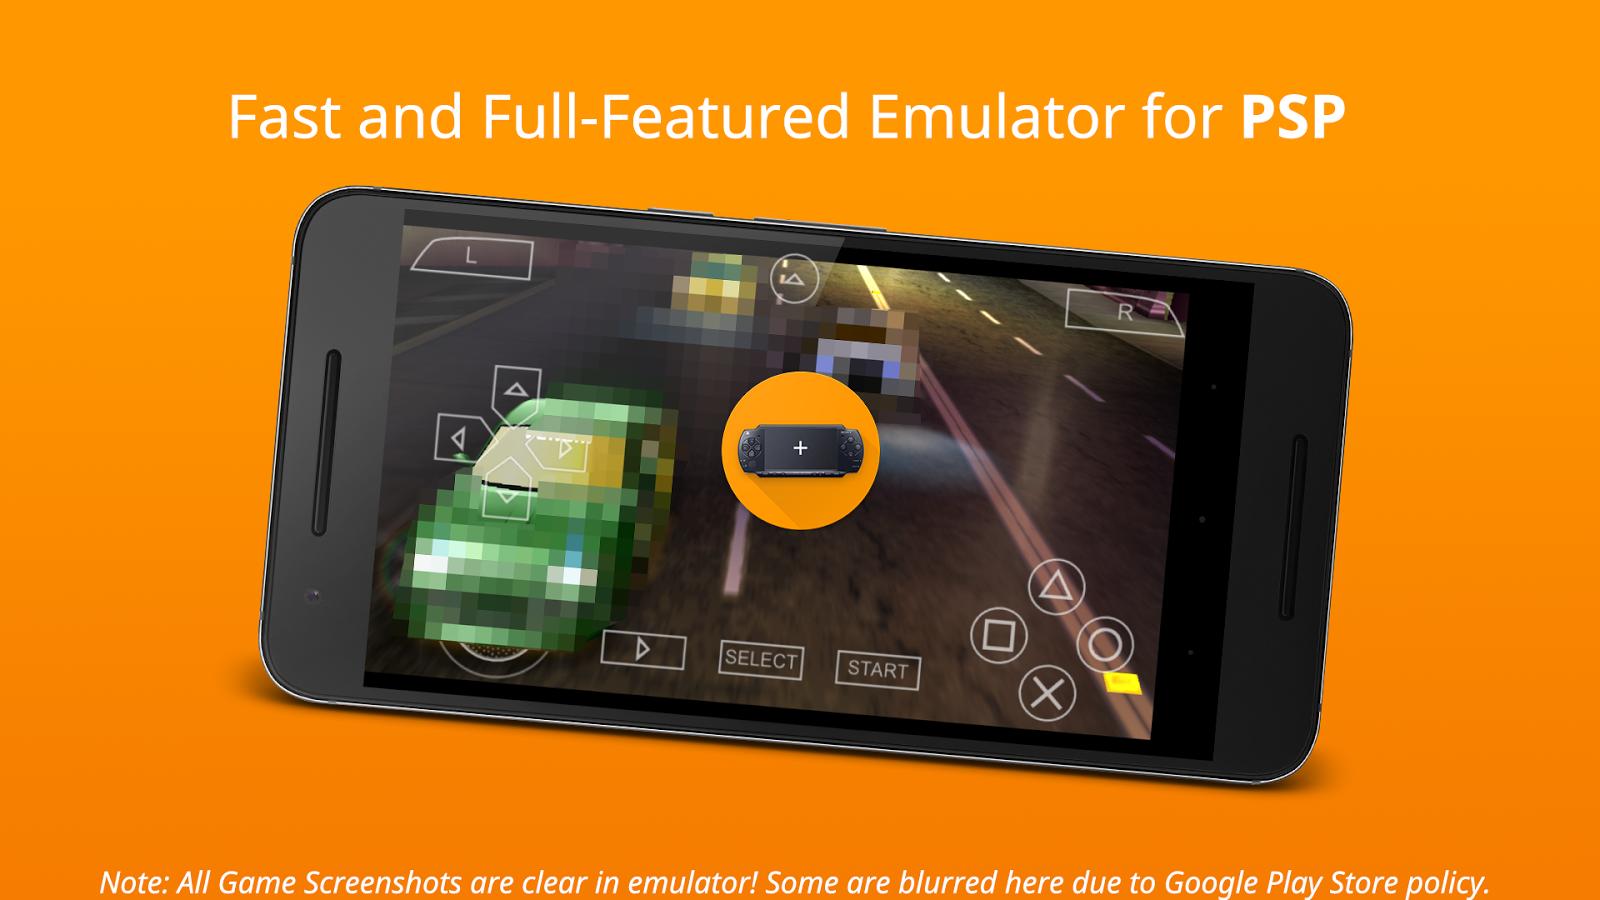 nico psp emulator golden pro android spiele download. Black Bedroom Furniture Sets. Home Design Ideas